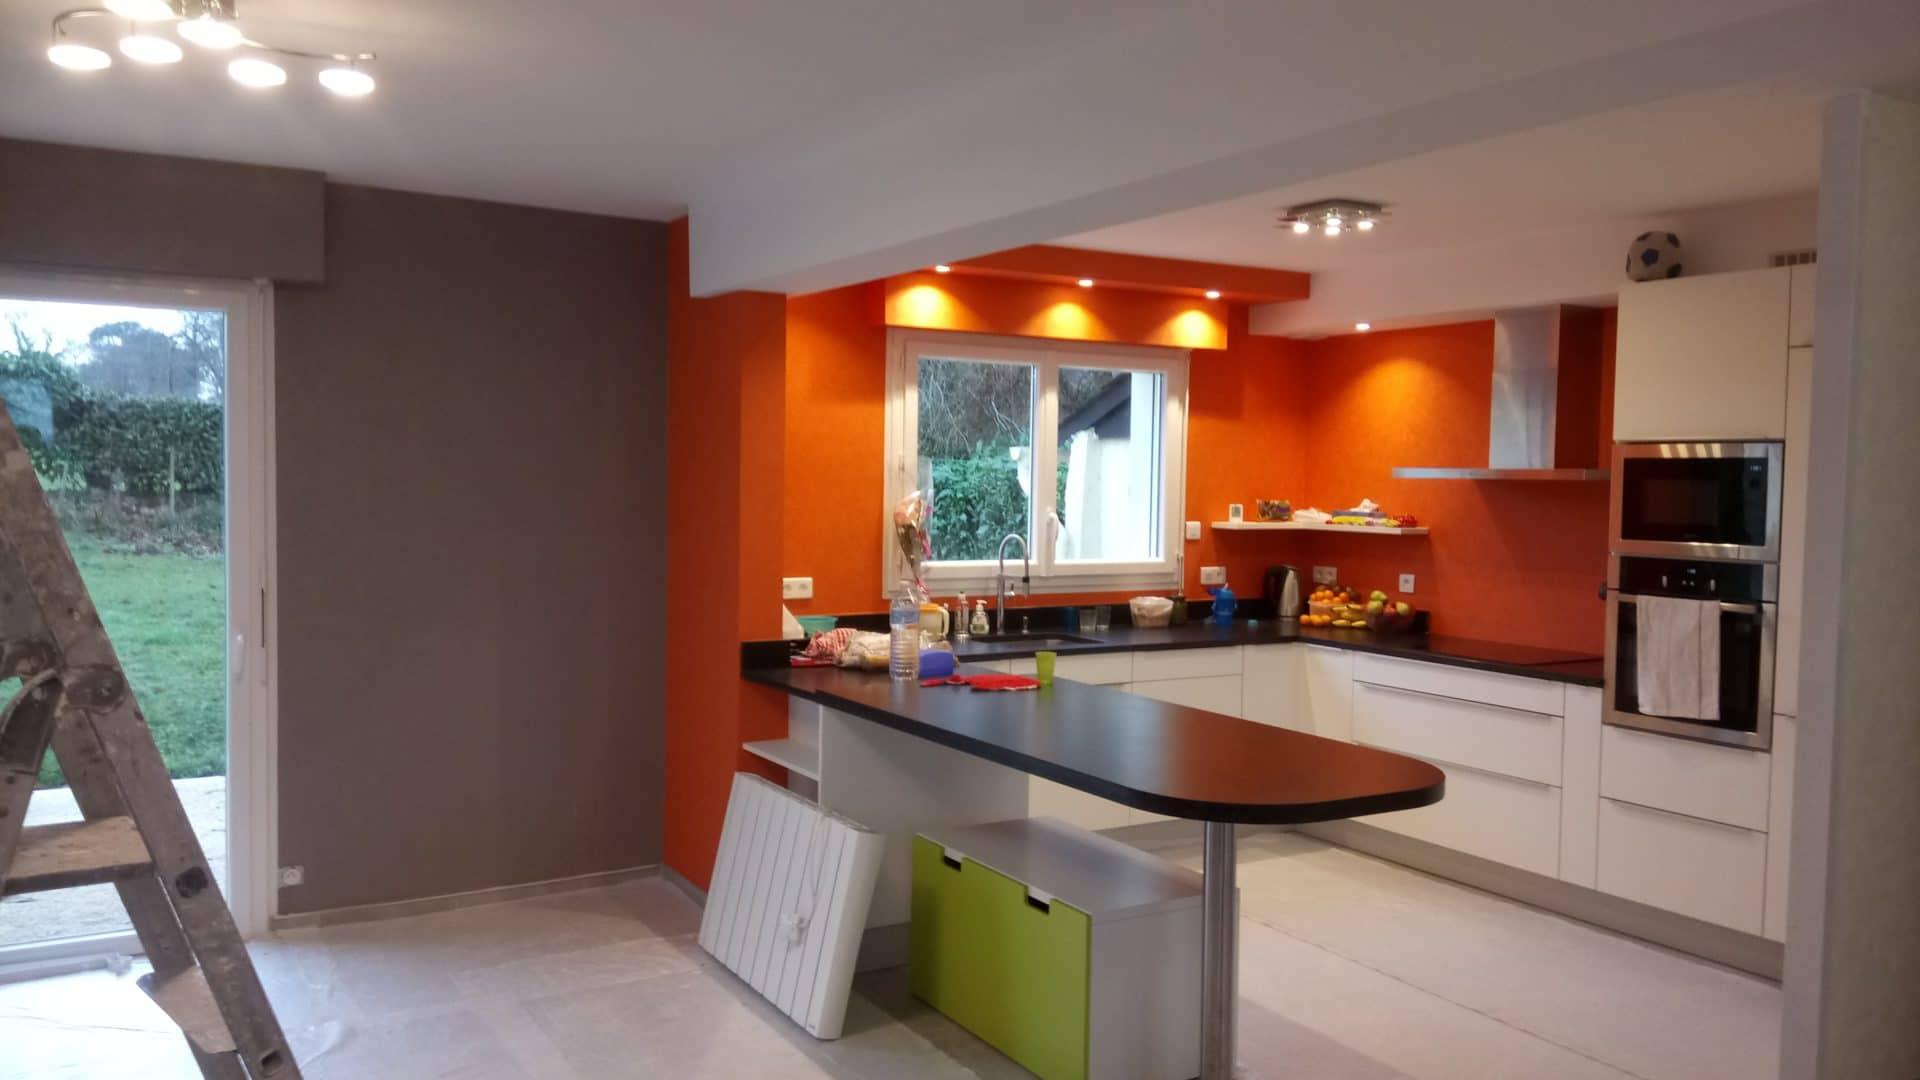 Plomelin salle salon cuisine decoration peinture 4 - Peinture décoration